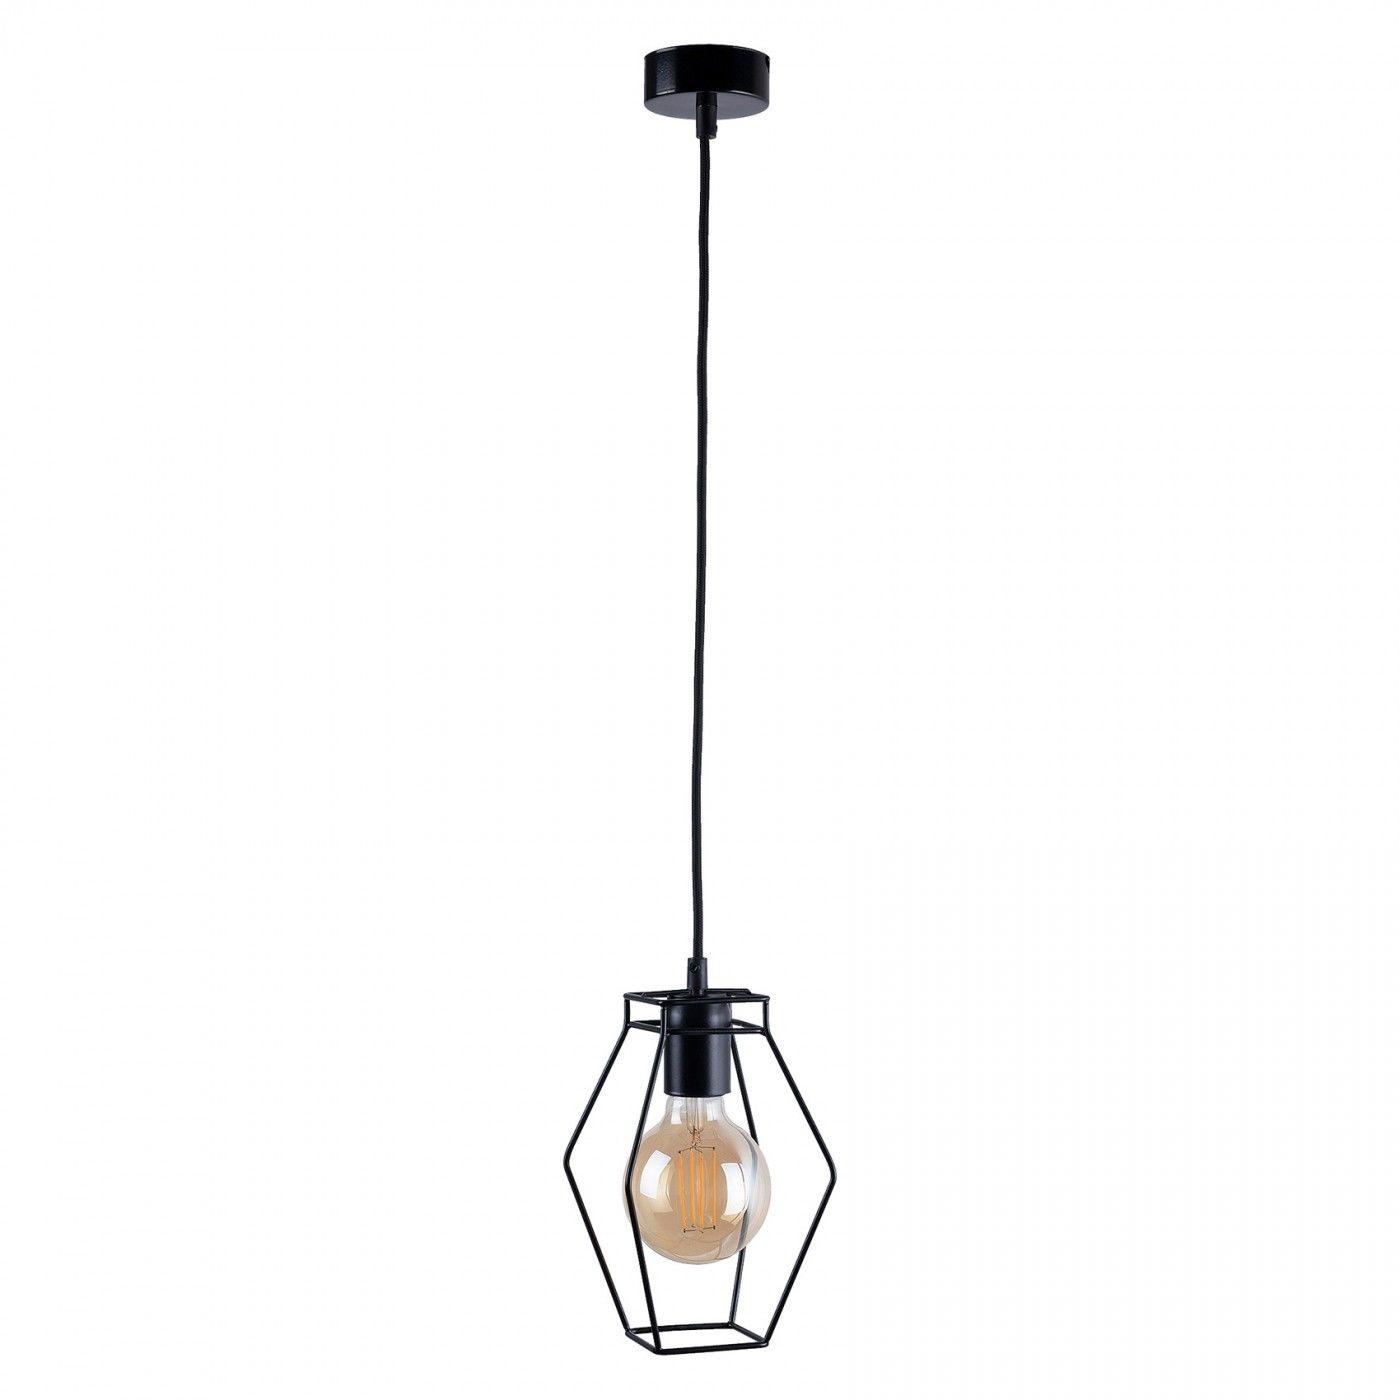 Lampa wisząca druciana czarna Fiord 9670 loftowa - Nowodvorski Do -17% rabatu w koszyku i darmowa dostawa od 299zł !